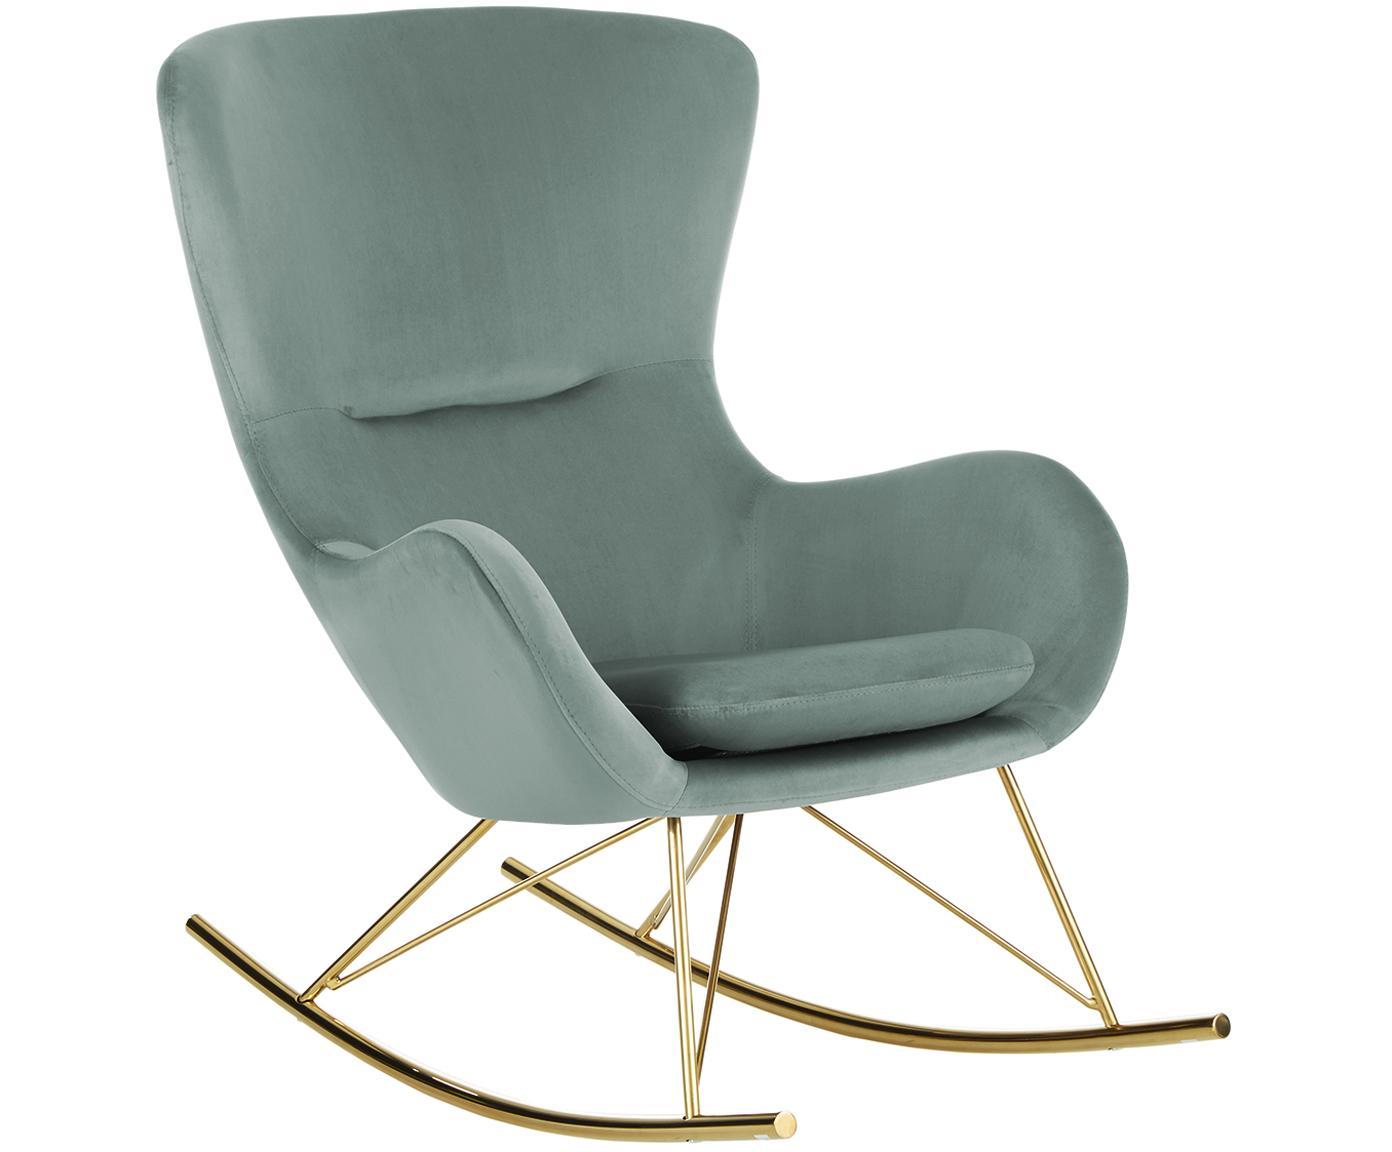 Krzesło bujane z aksamitu Wing, Tapicerka: aksamit (poliester) 1500, Stelaż: metal galwanizowany, Szałwiowy zielony, S 77 x G 96 cm